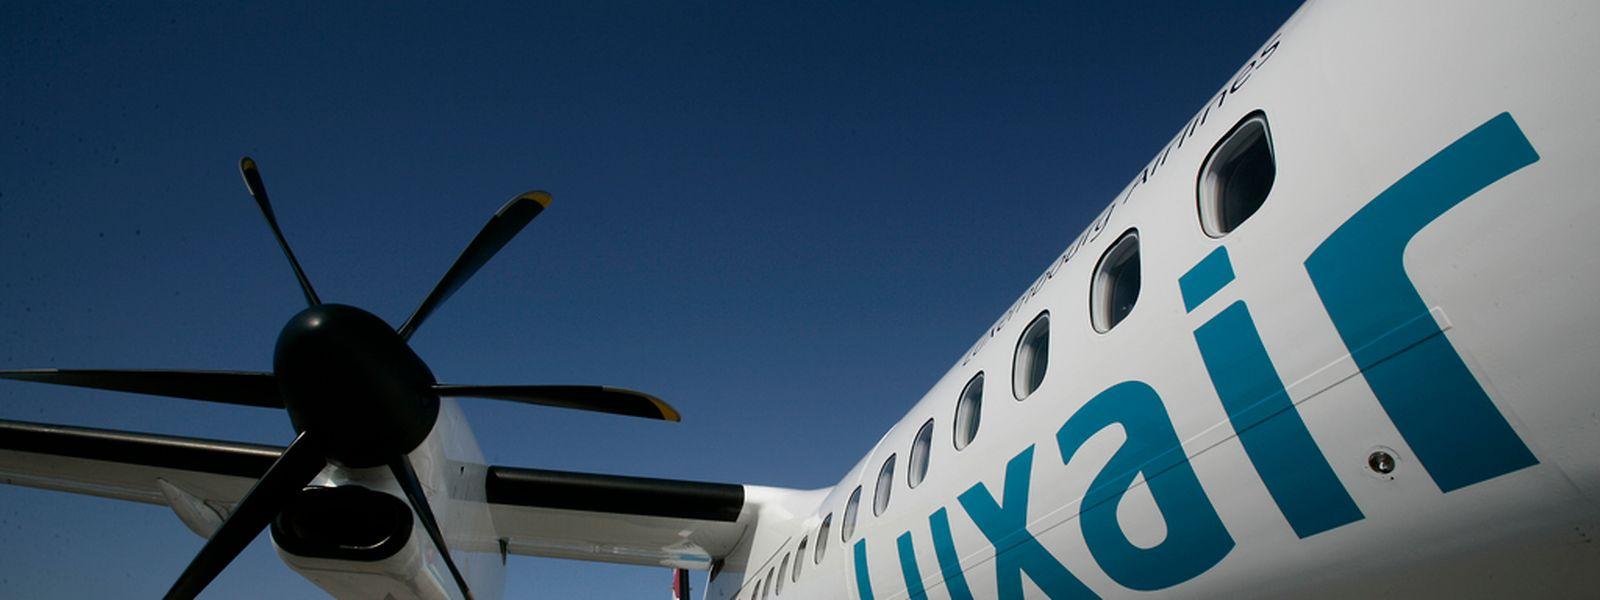 Luxair ordert im Rahmen eines Refleetings drei neue Bombardier Q400 und sichert sich eine Option auf zwei weitere Maschinen dieses Typs.